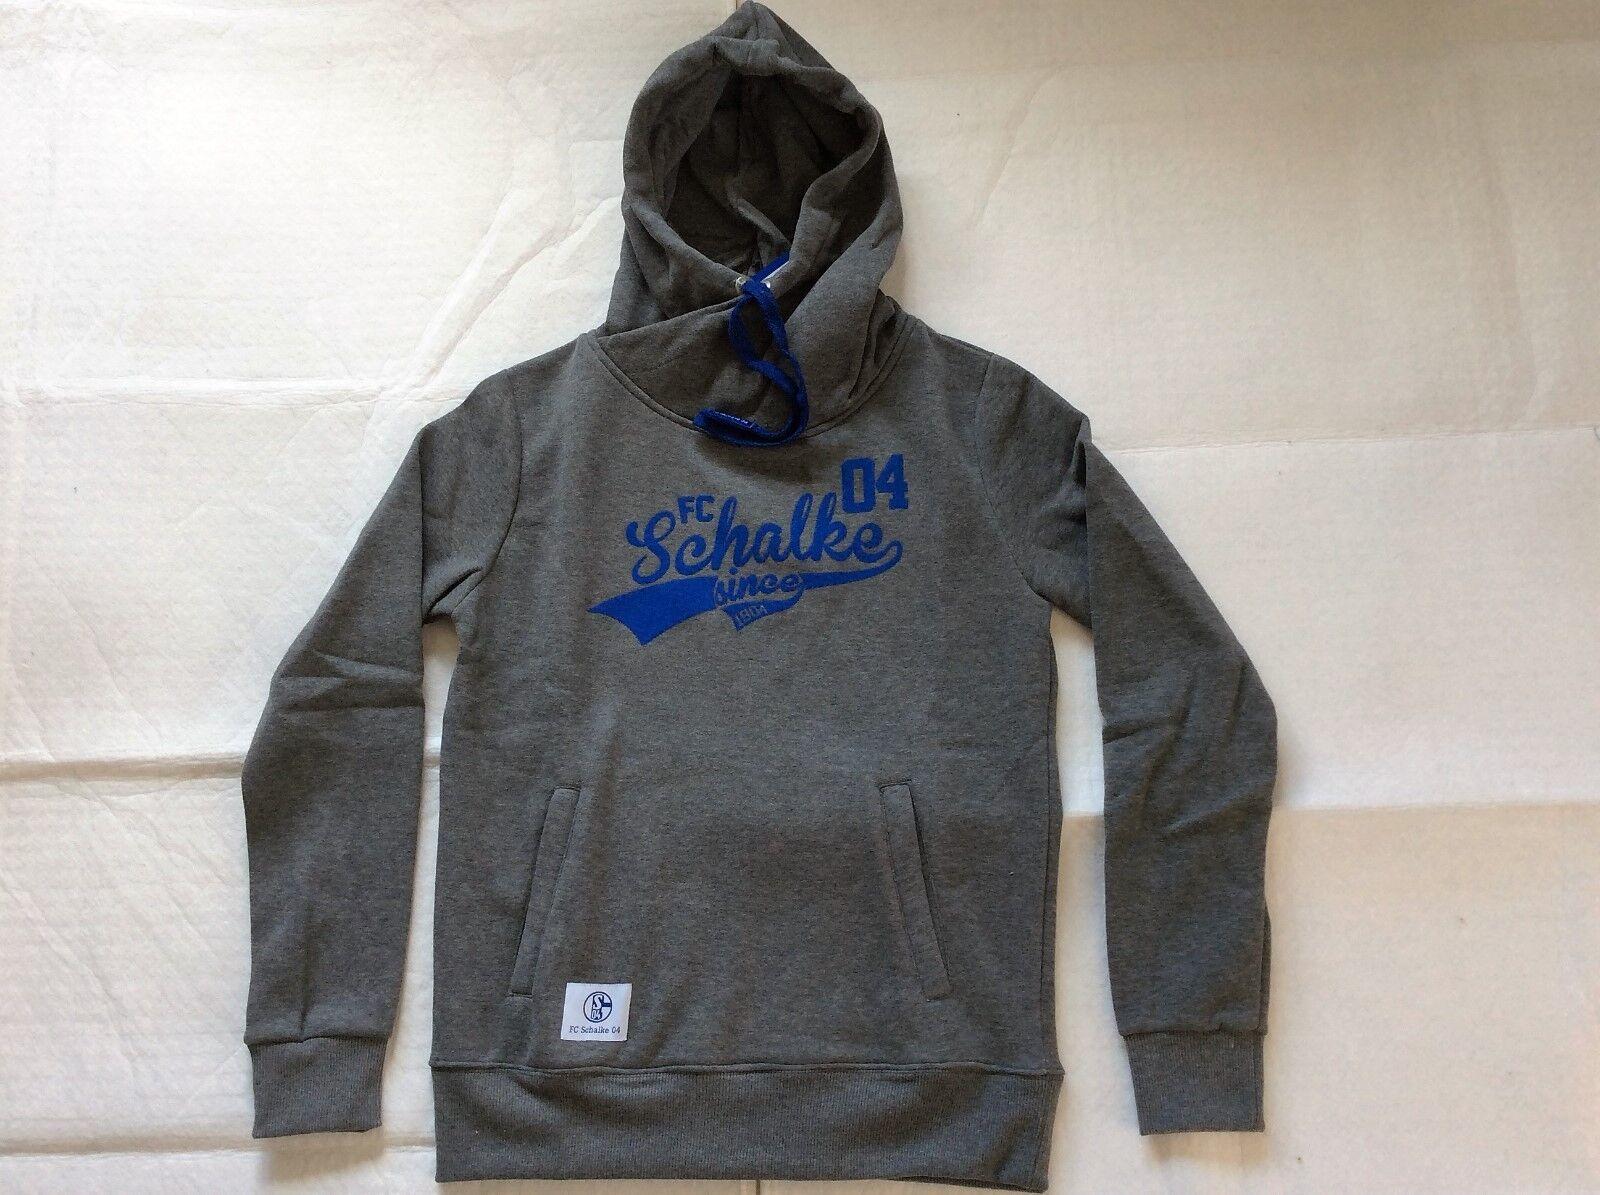 S04 FC Schalke 04 Damen-Kapuzen-Sweat-Shirt   Schalke     Gr. M - 2XL